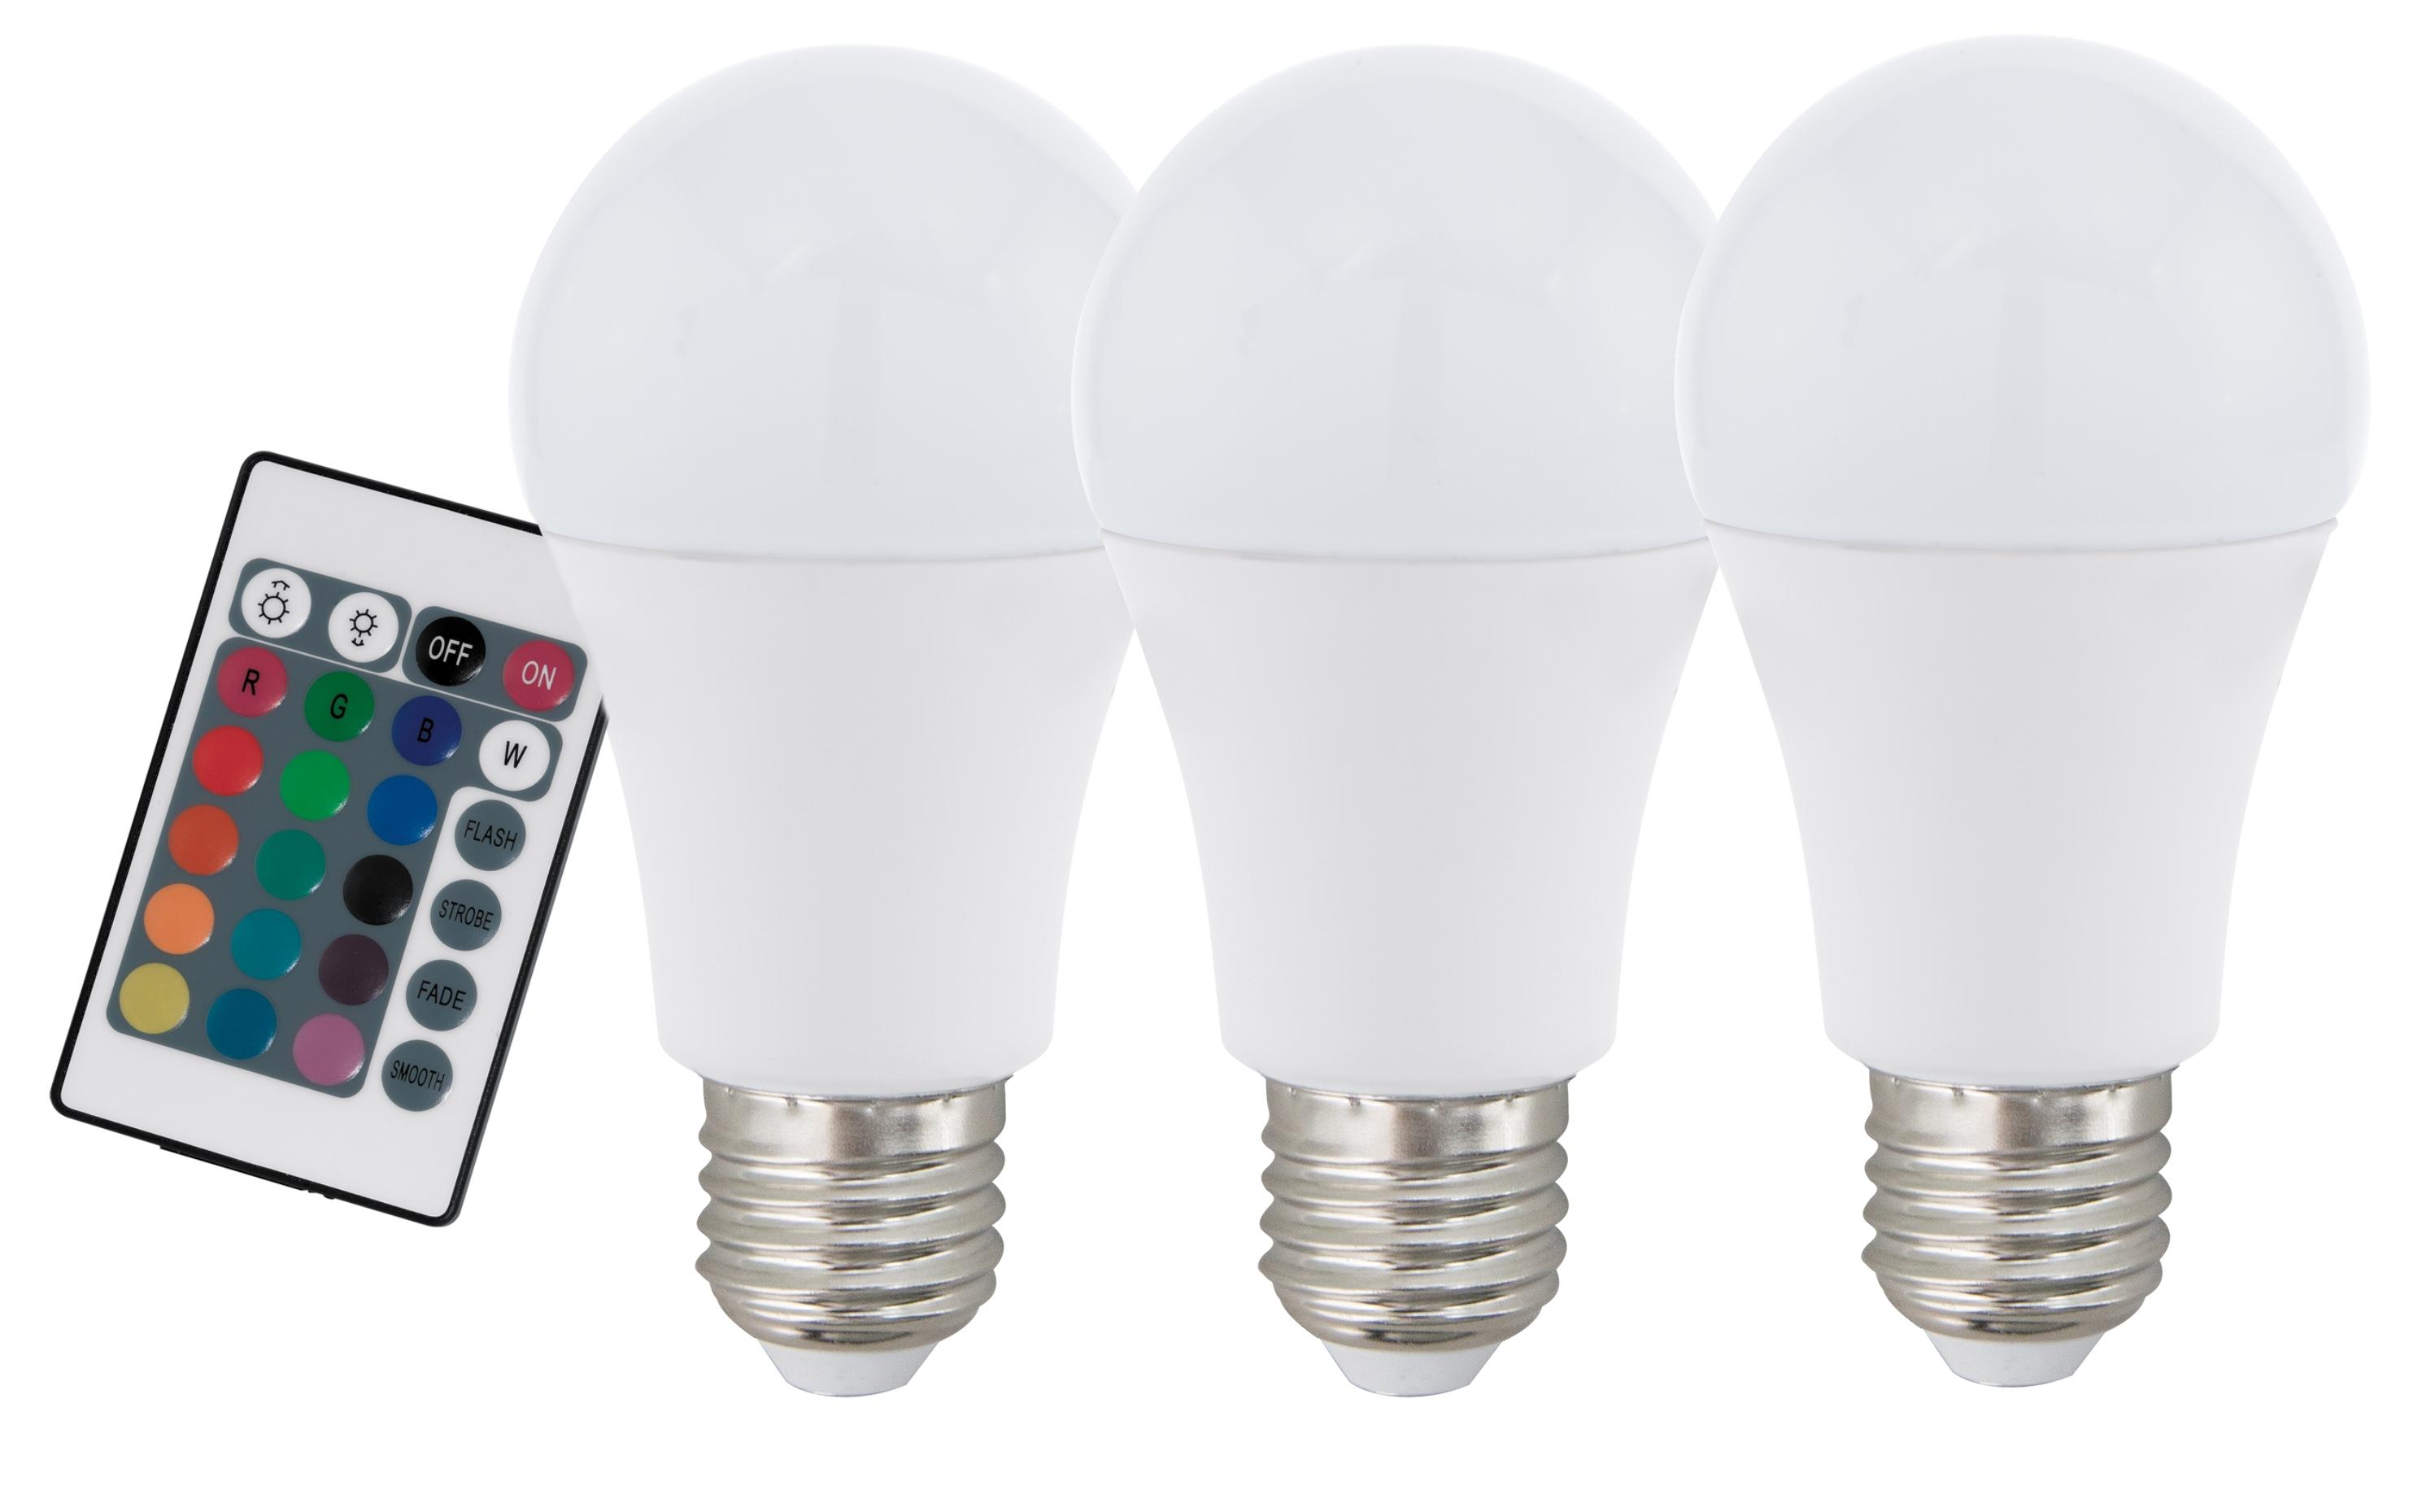 Set 3 becuri cu telecomanda Eglo LED E27-A60 RGBW 7 5W poza